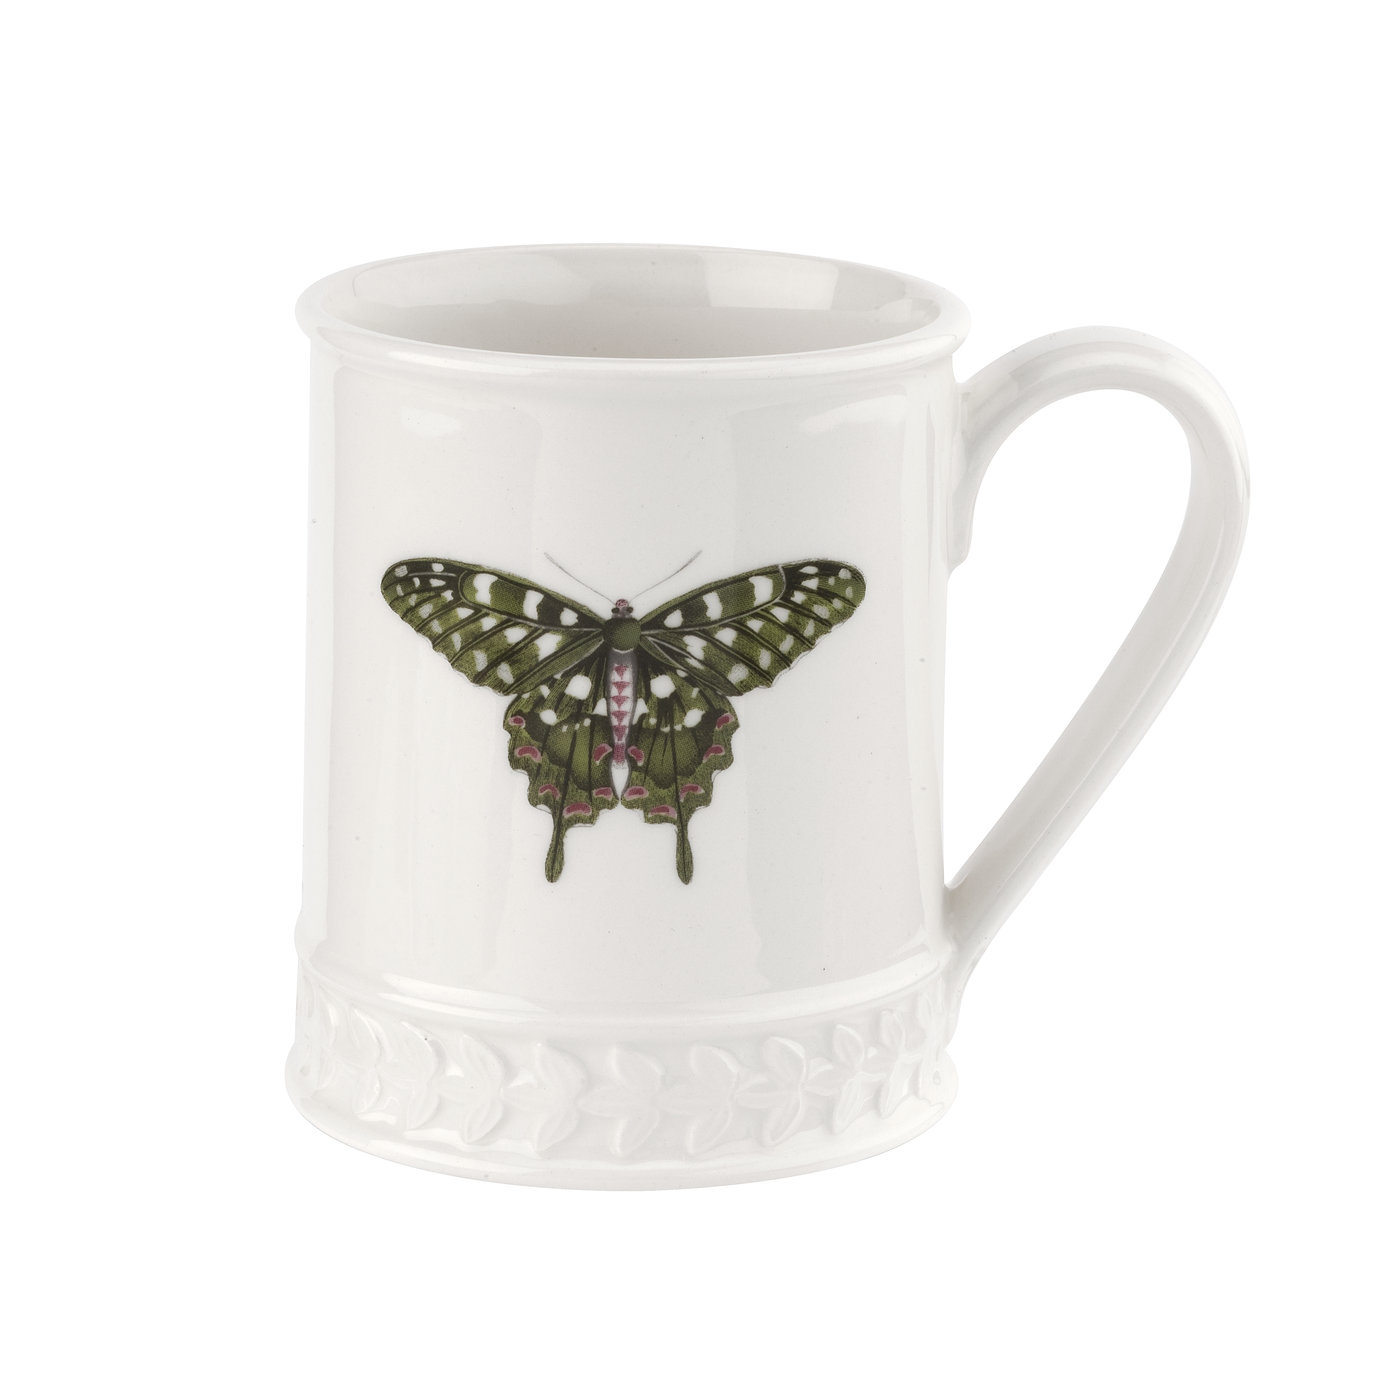 포트메리온 '보타닉 가든 하모니' 나비 머그 Portmeirion Botanic Garden Harmony Embossed 12 oz Tankard-Forest Green Butterfly